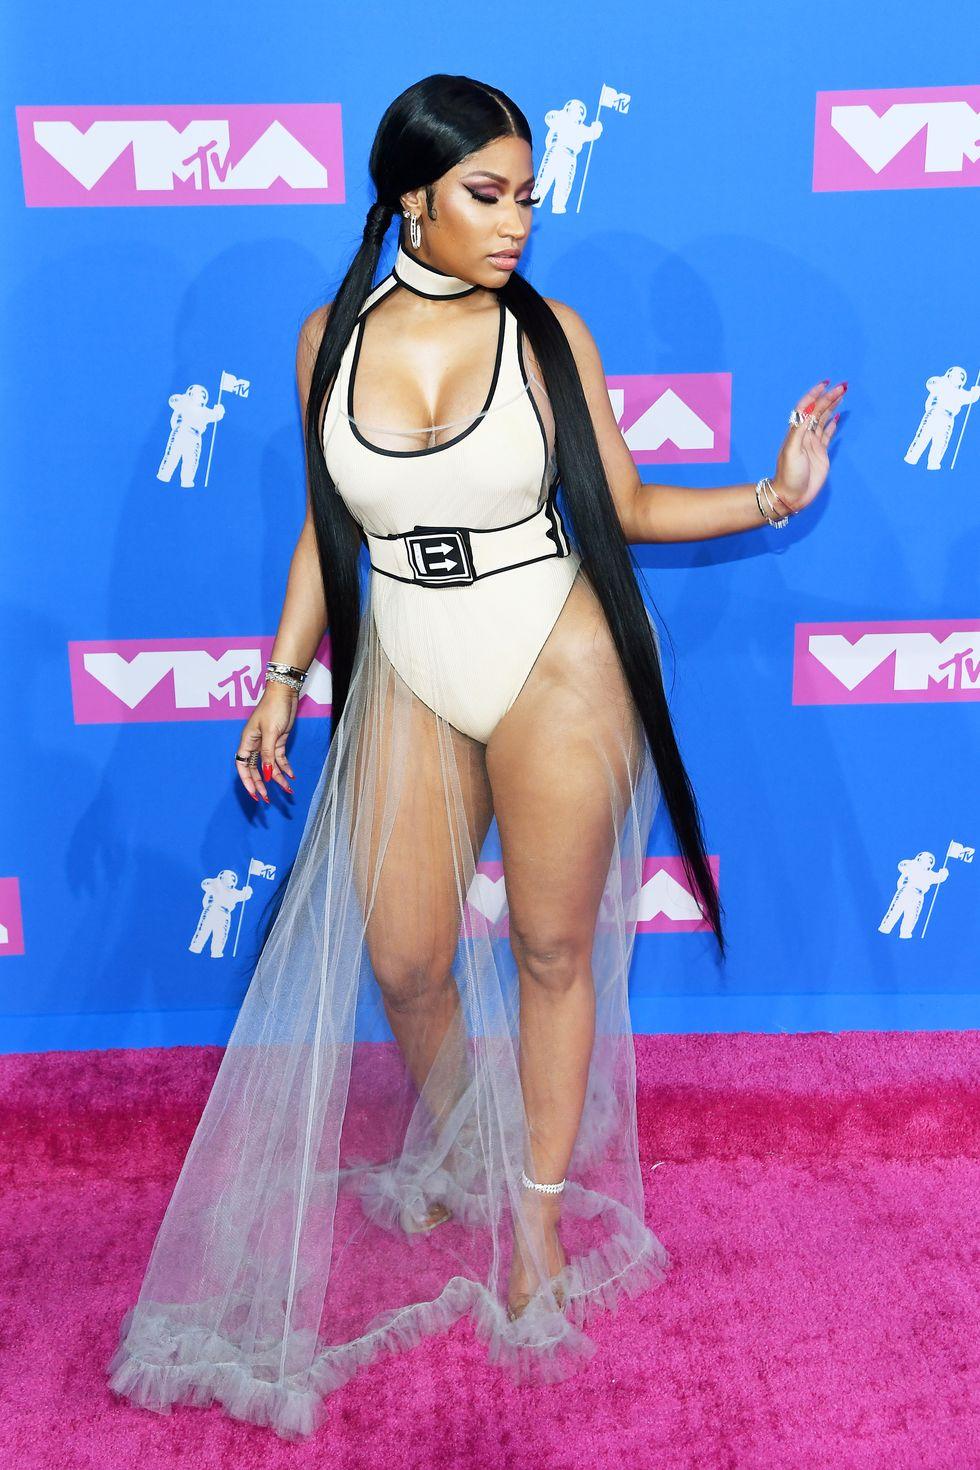 Nicki Minaj VMA - Neomag.